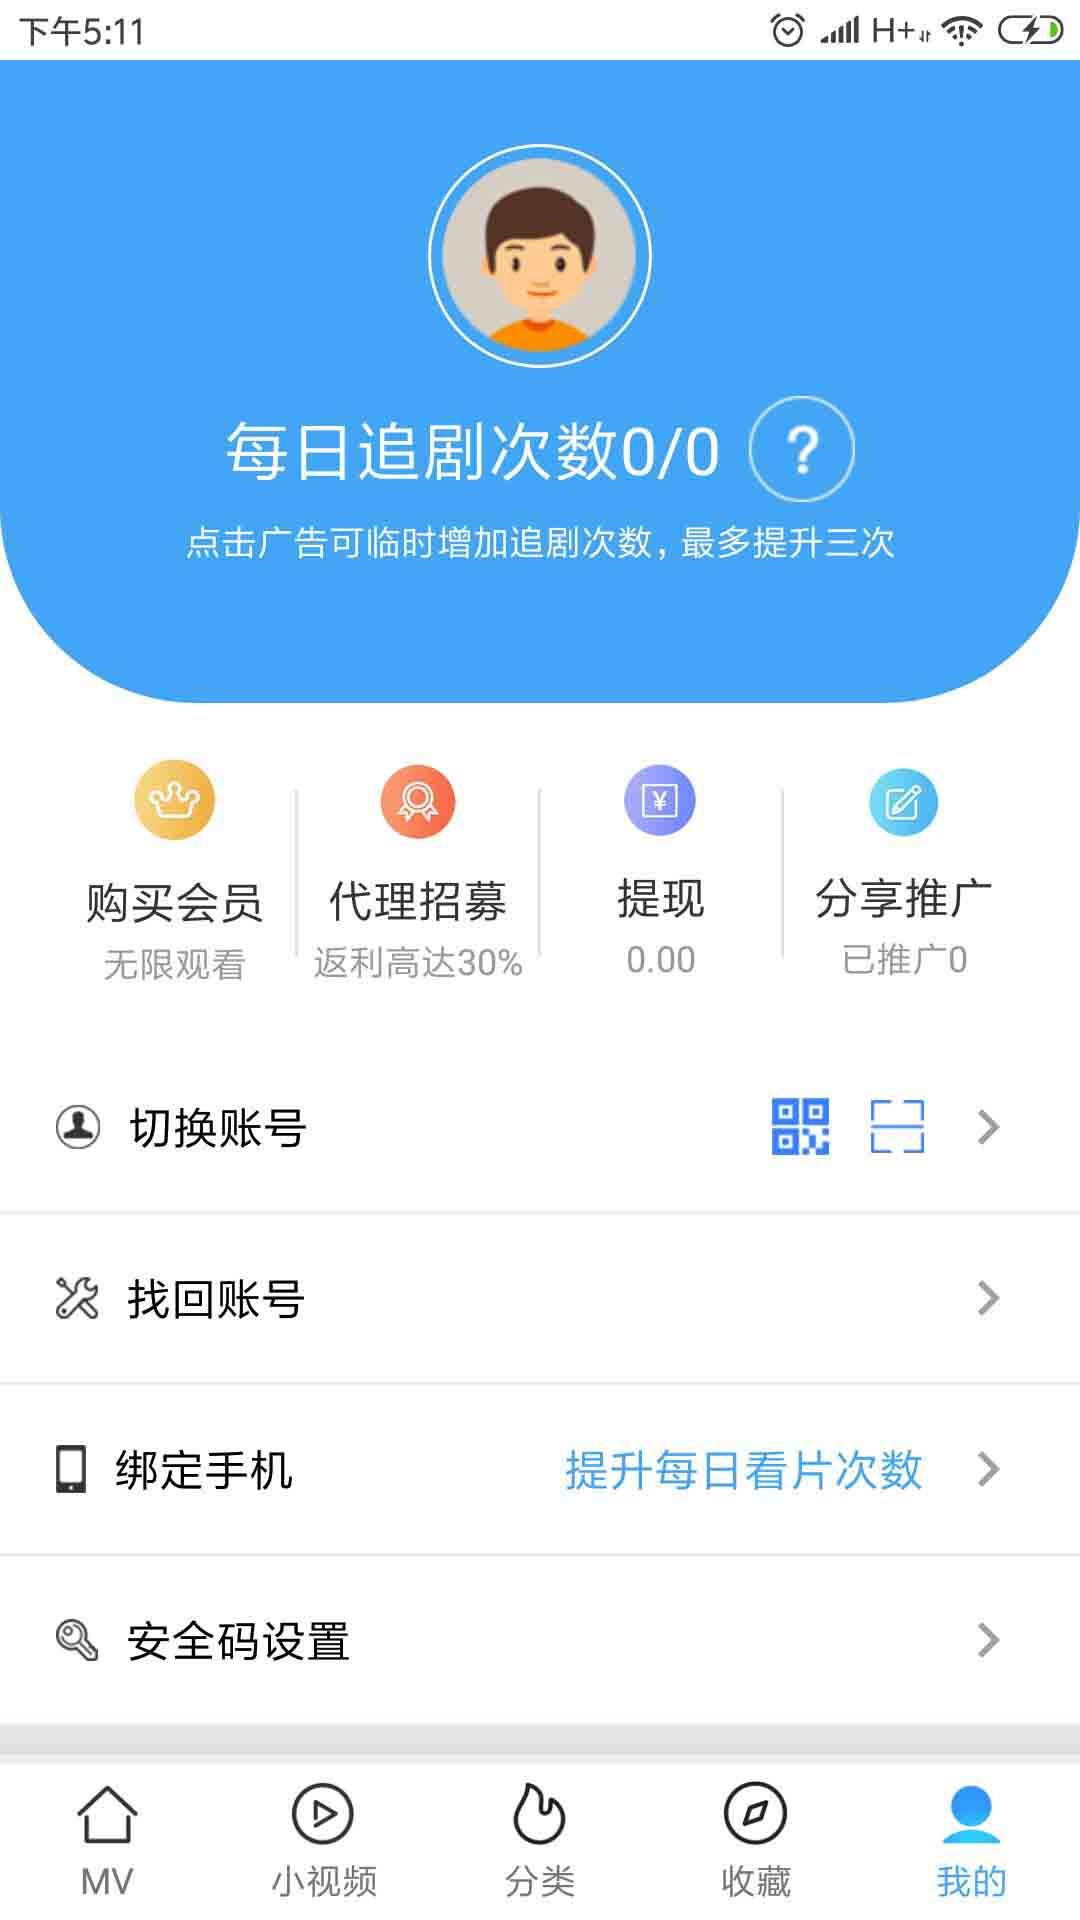 青瓜视频APP全套源码 原生双端ios+Android+文字安装说明